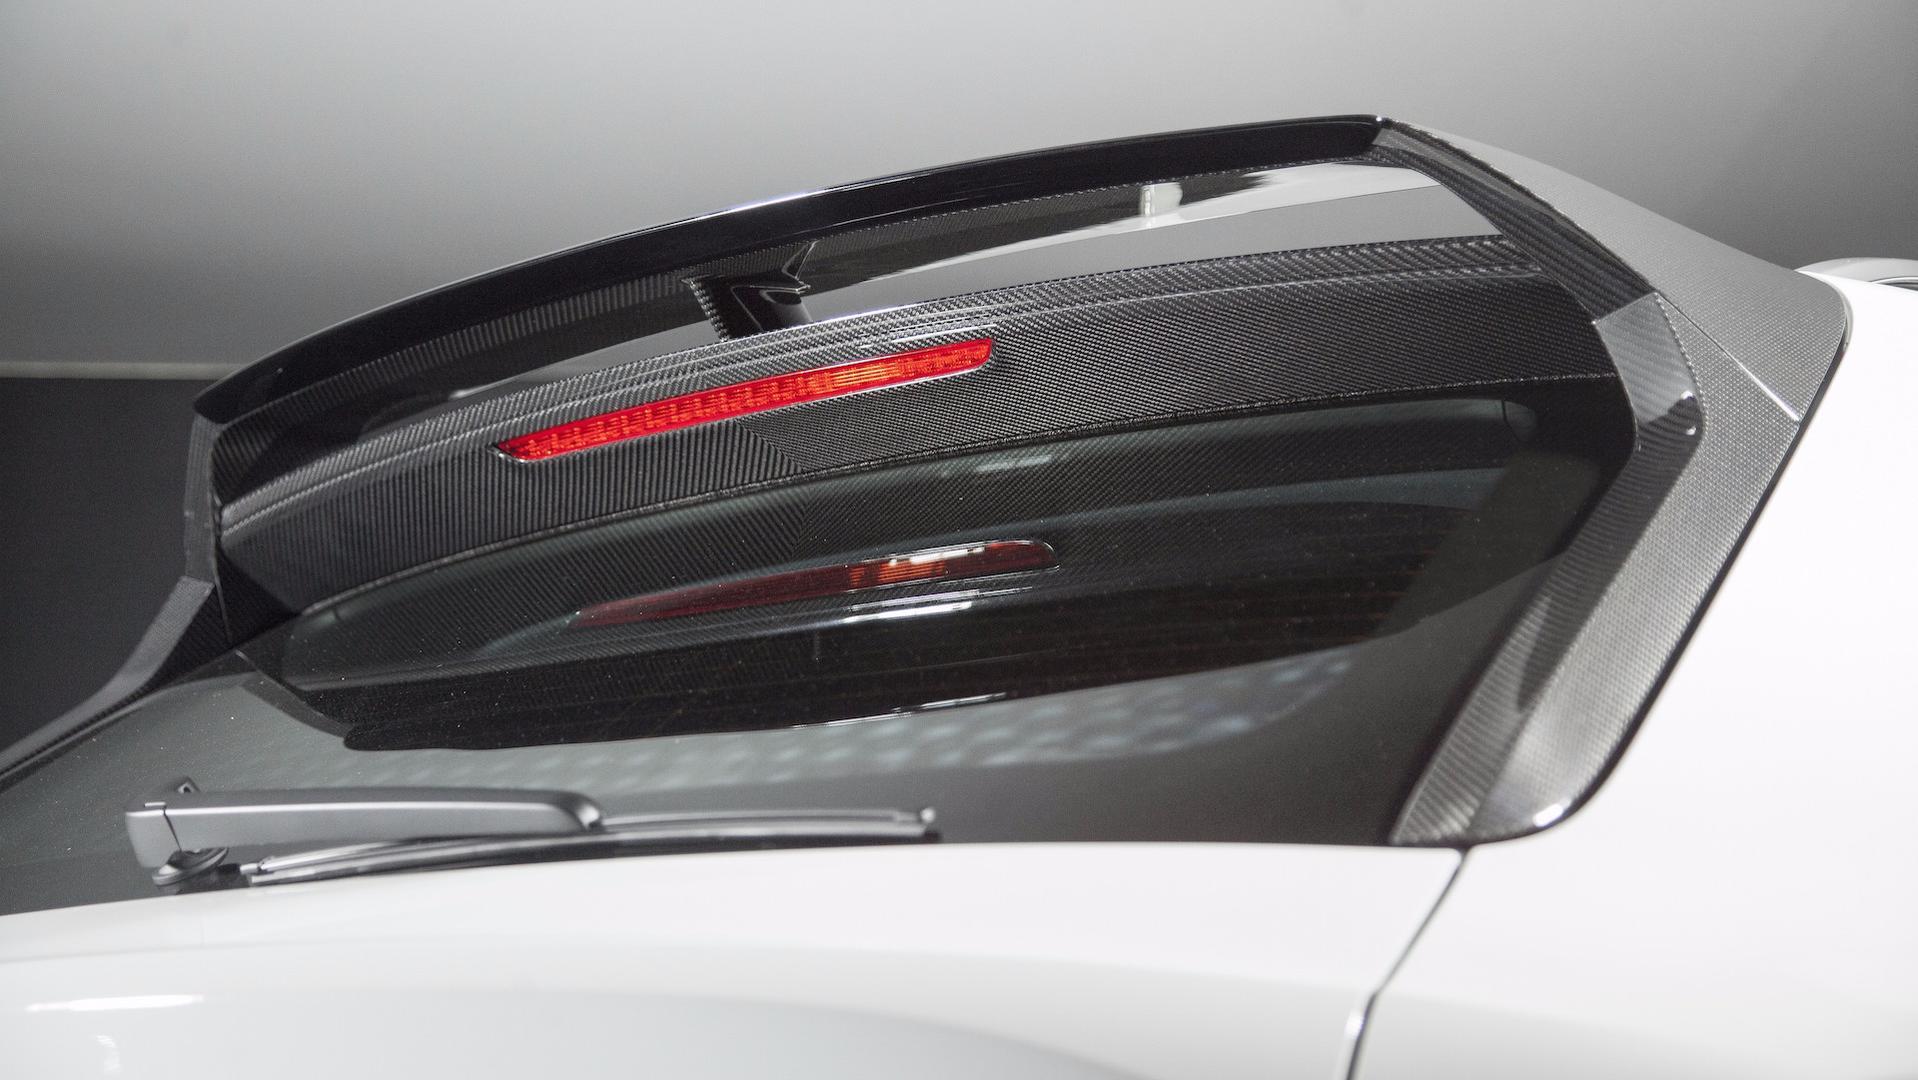 Be A Carbon Pro: Bentayga Gets Aggressive New Carbon Fiber Kit